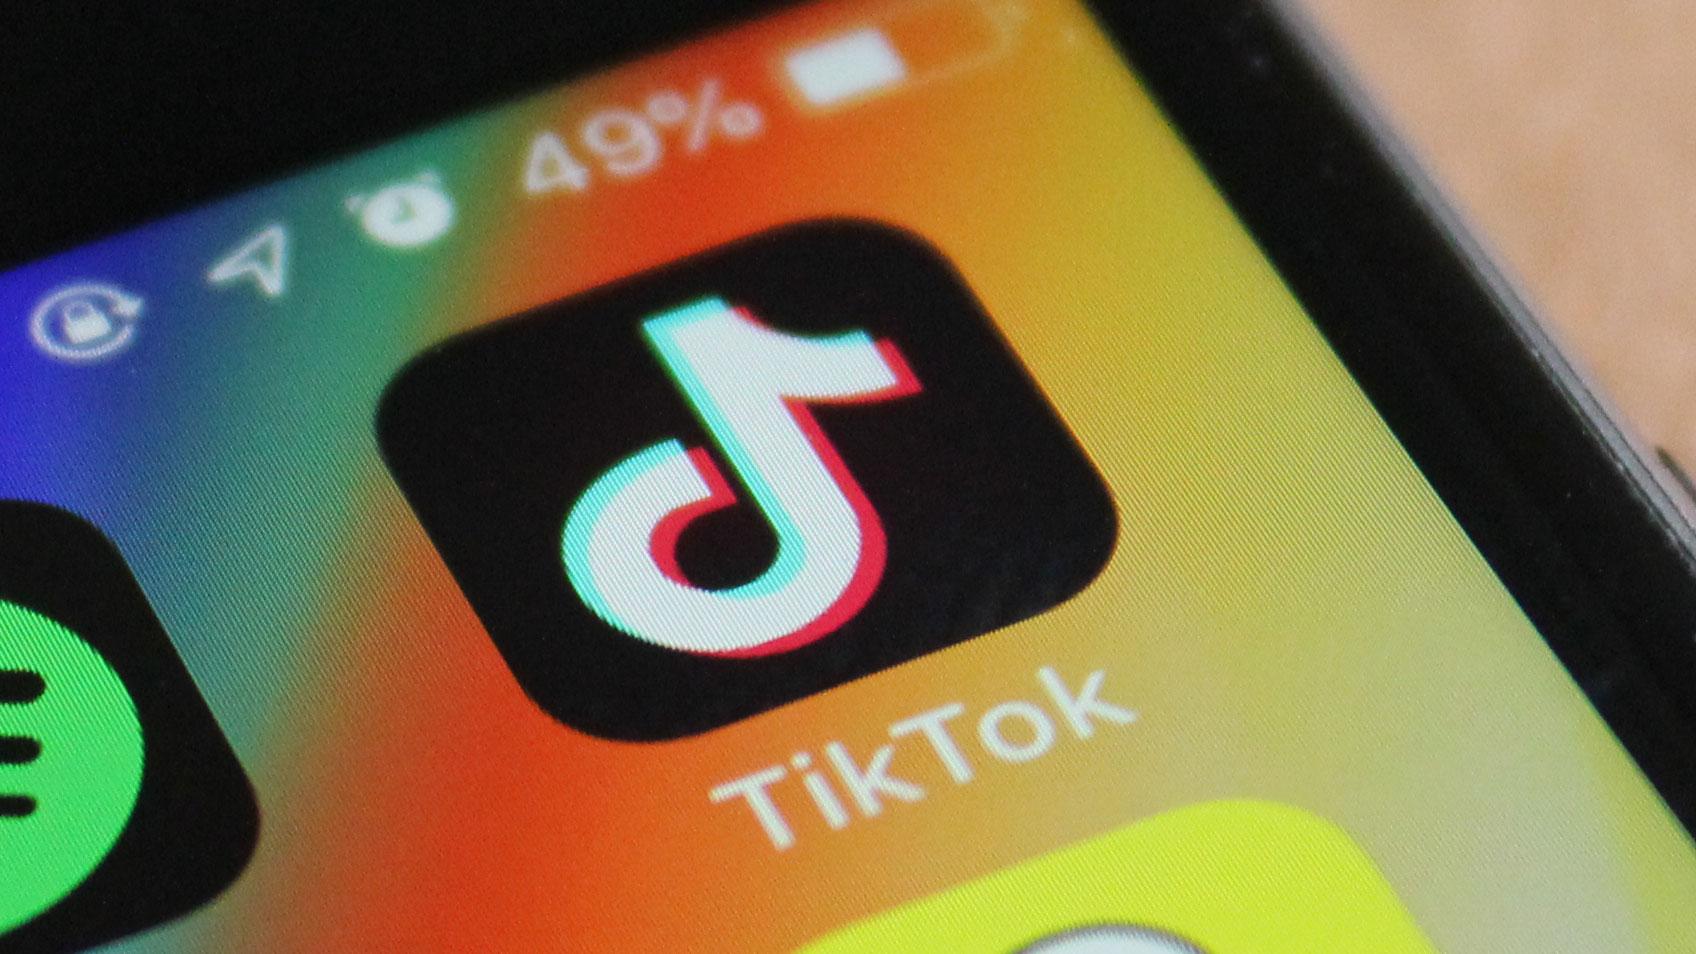 تحميل تطبيق TikTok علي الكمبيوتر